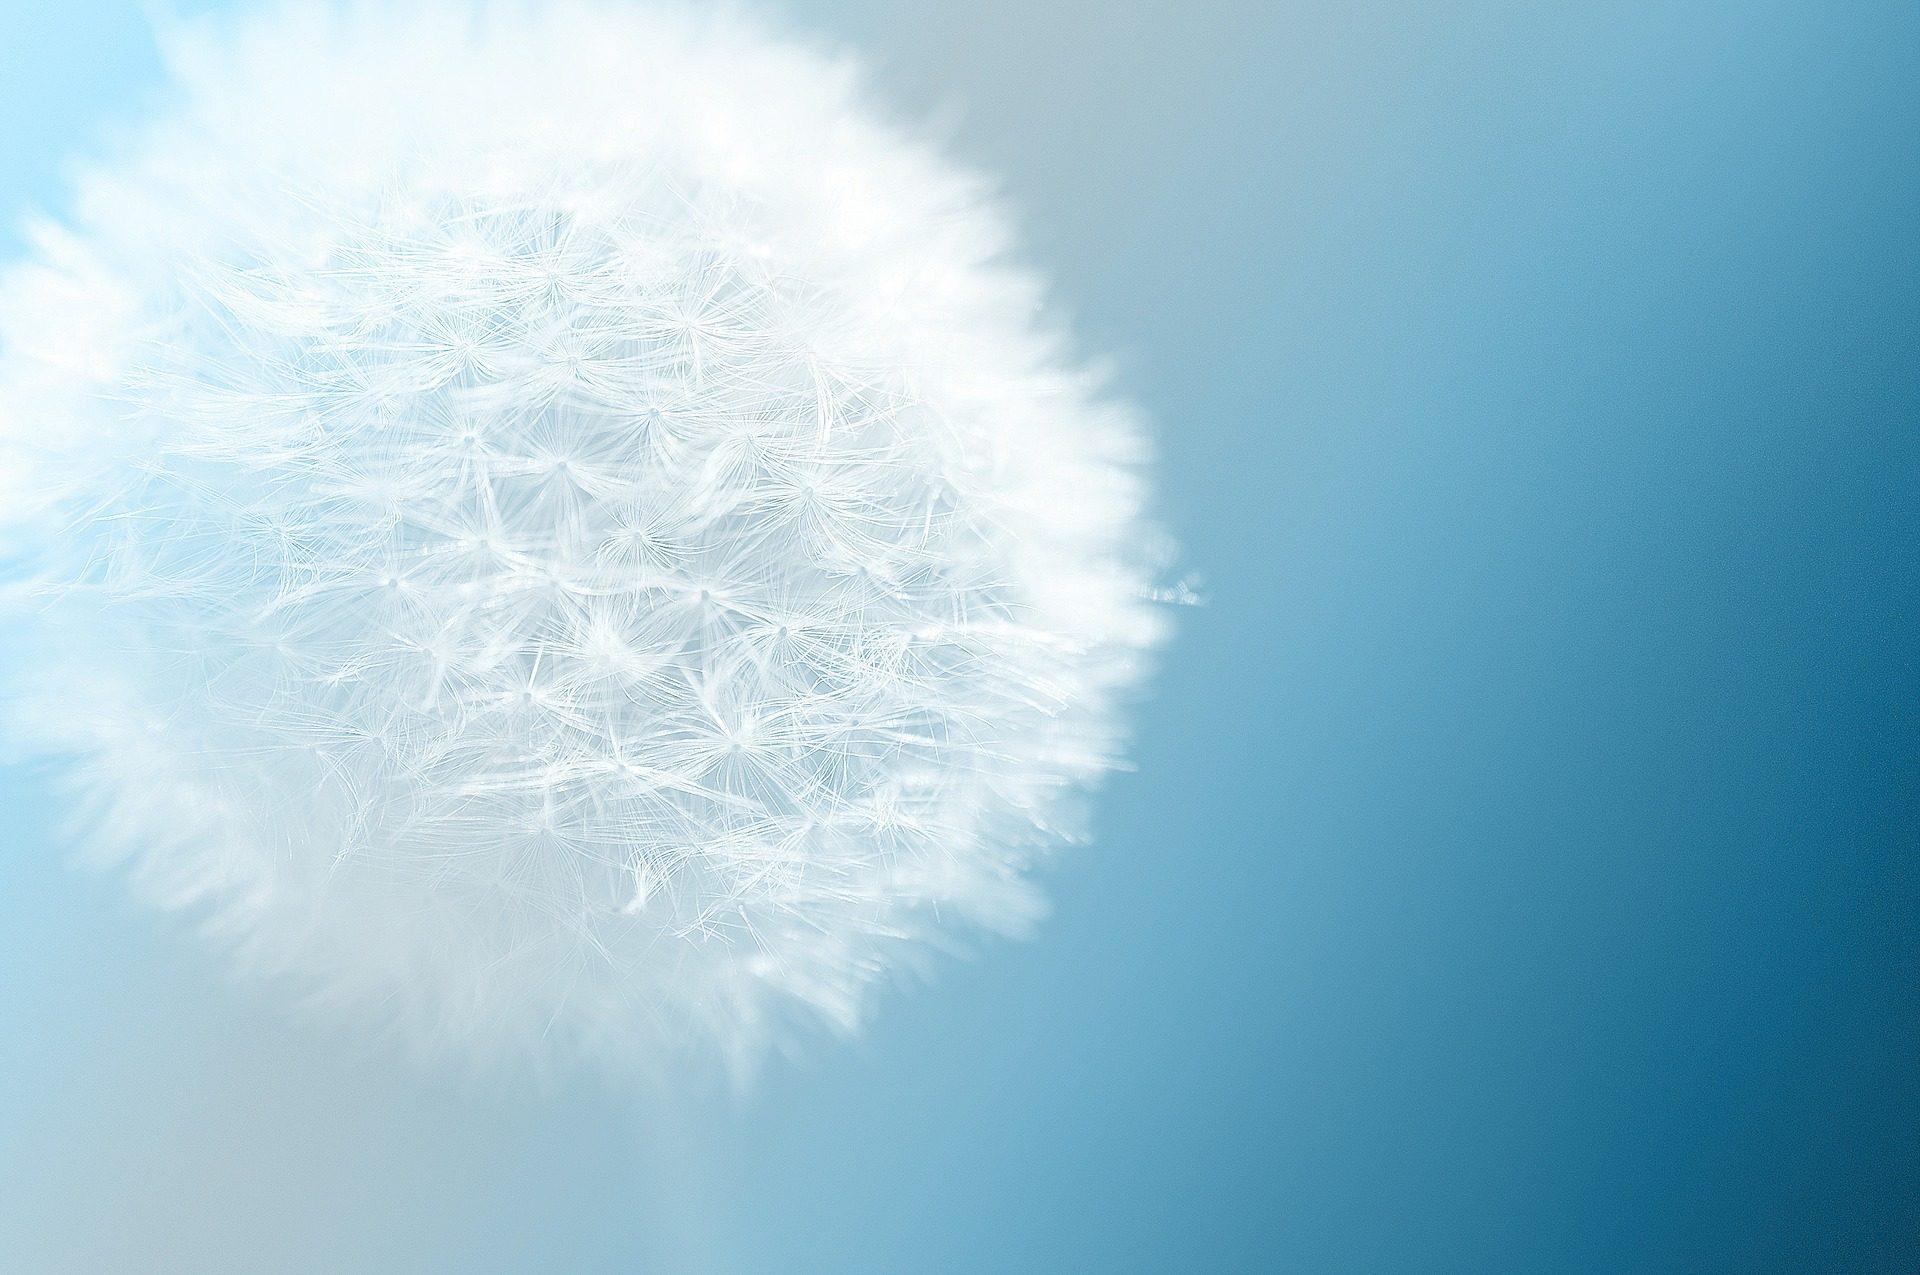 Pissenlit, rez de chaussée, graines, fleur, Sky, Bleu - Fonds d'écran HD - Professor-falken.com